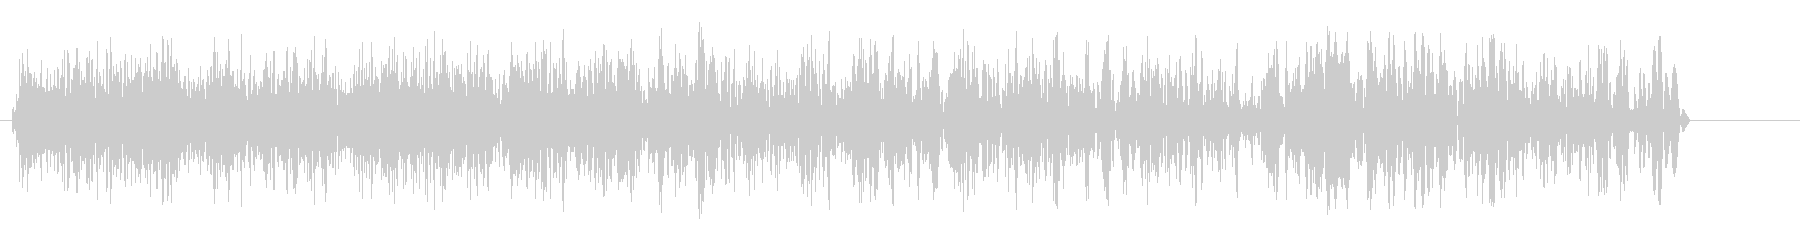 ギューン(チャージ音)の未再生の波形